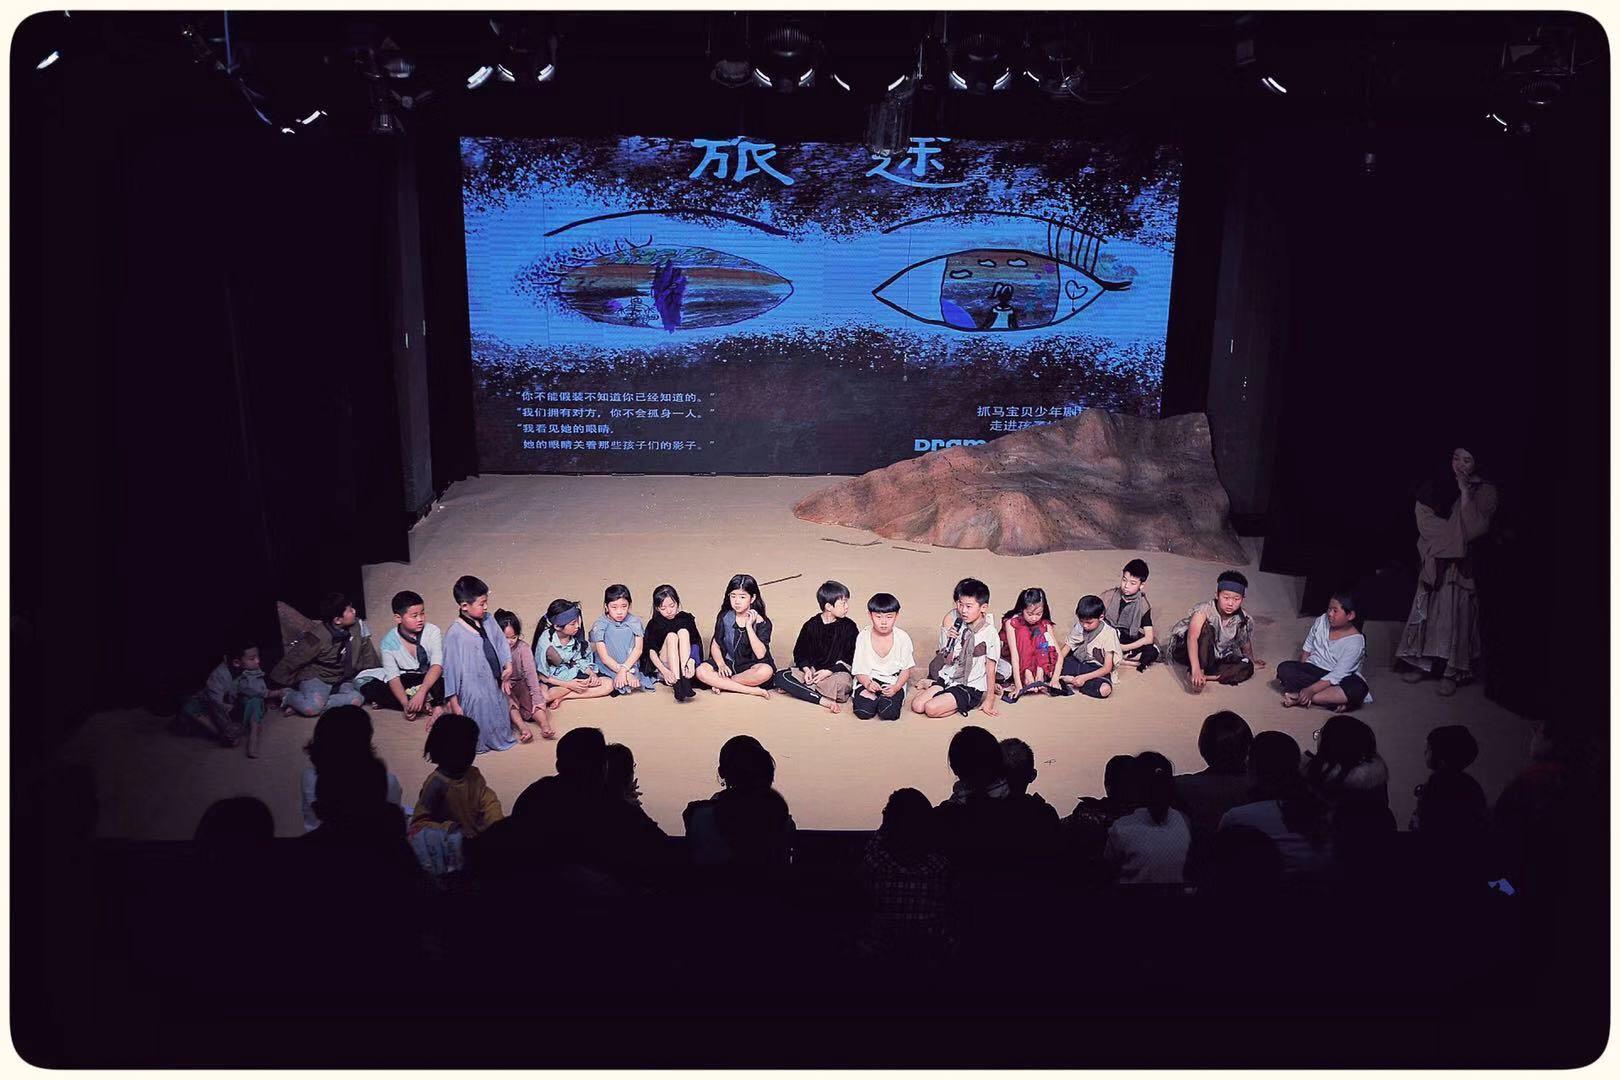 抓马宝贝推广戏剧教育,旗下少年剧场《旅途》首演